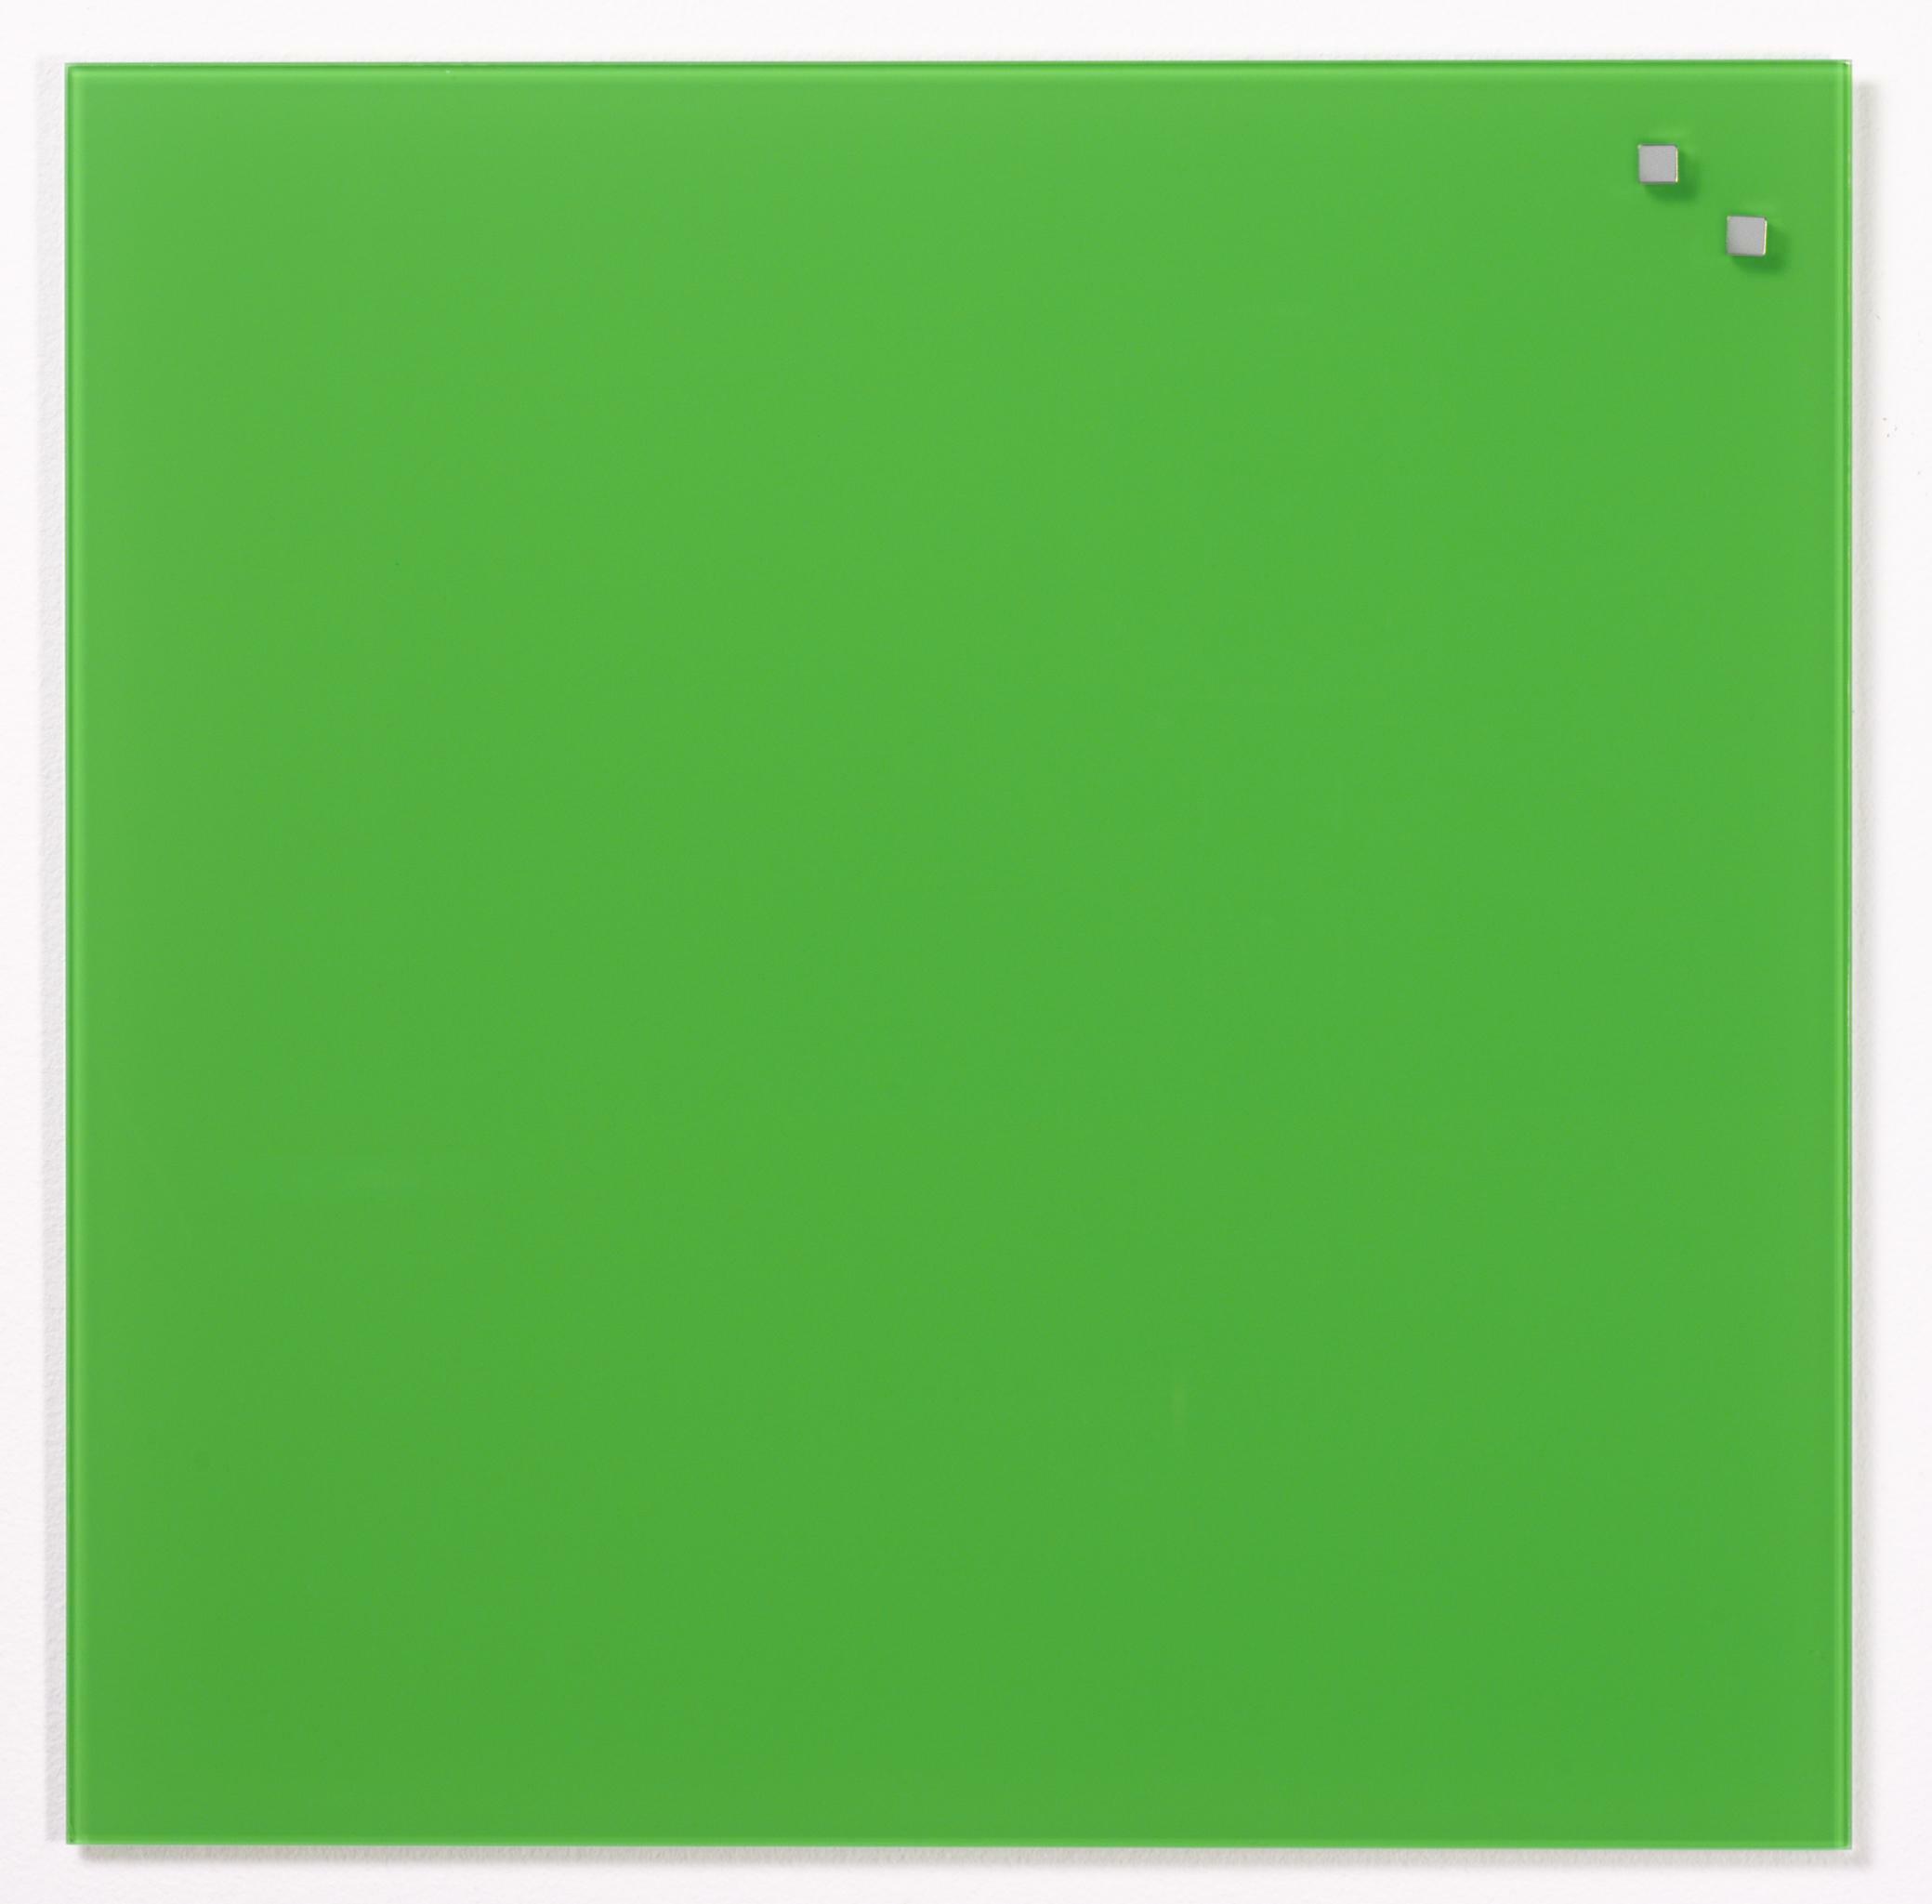 Skleněná magnetická tabule N10752 45 x 45 cm